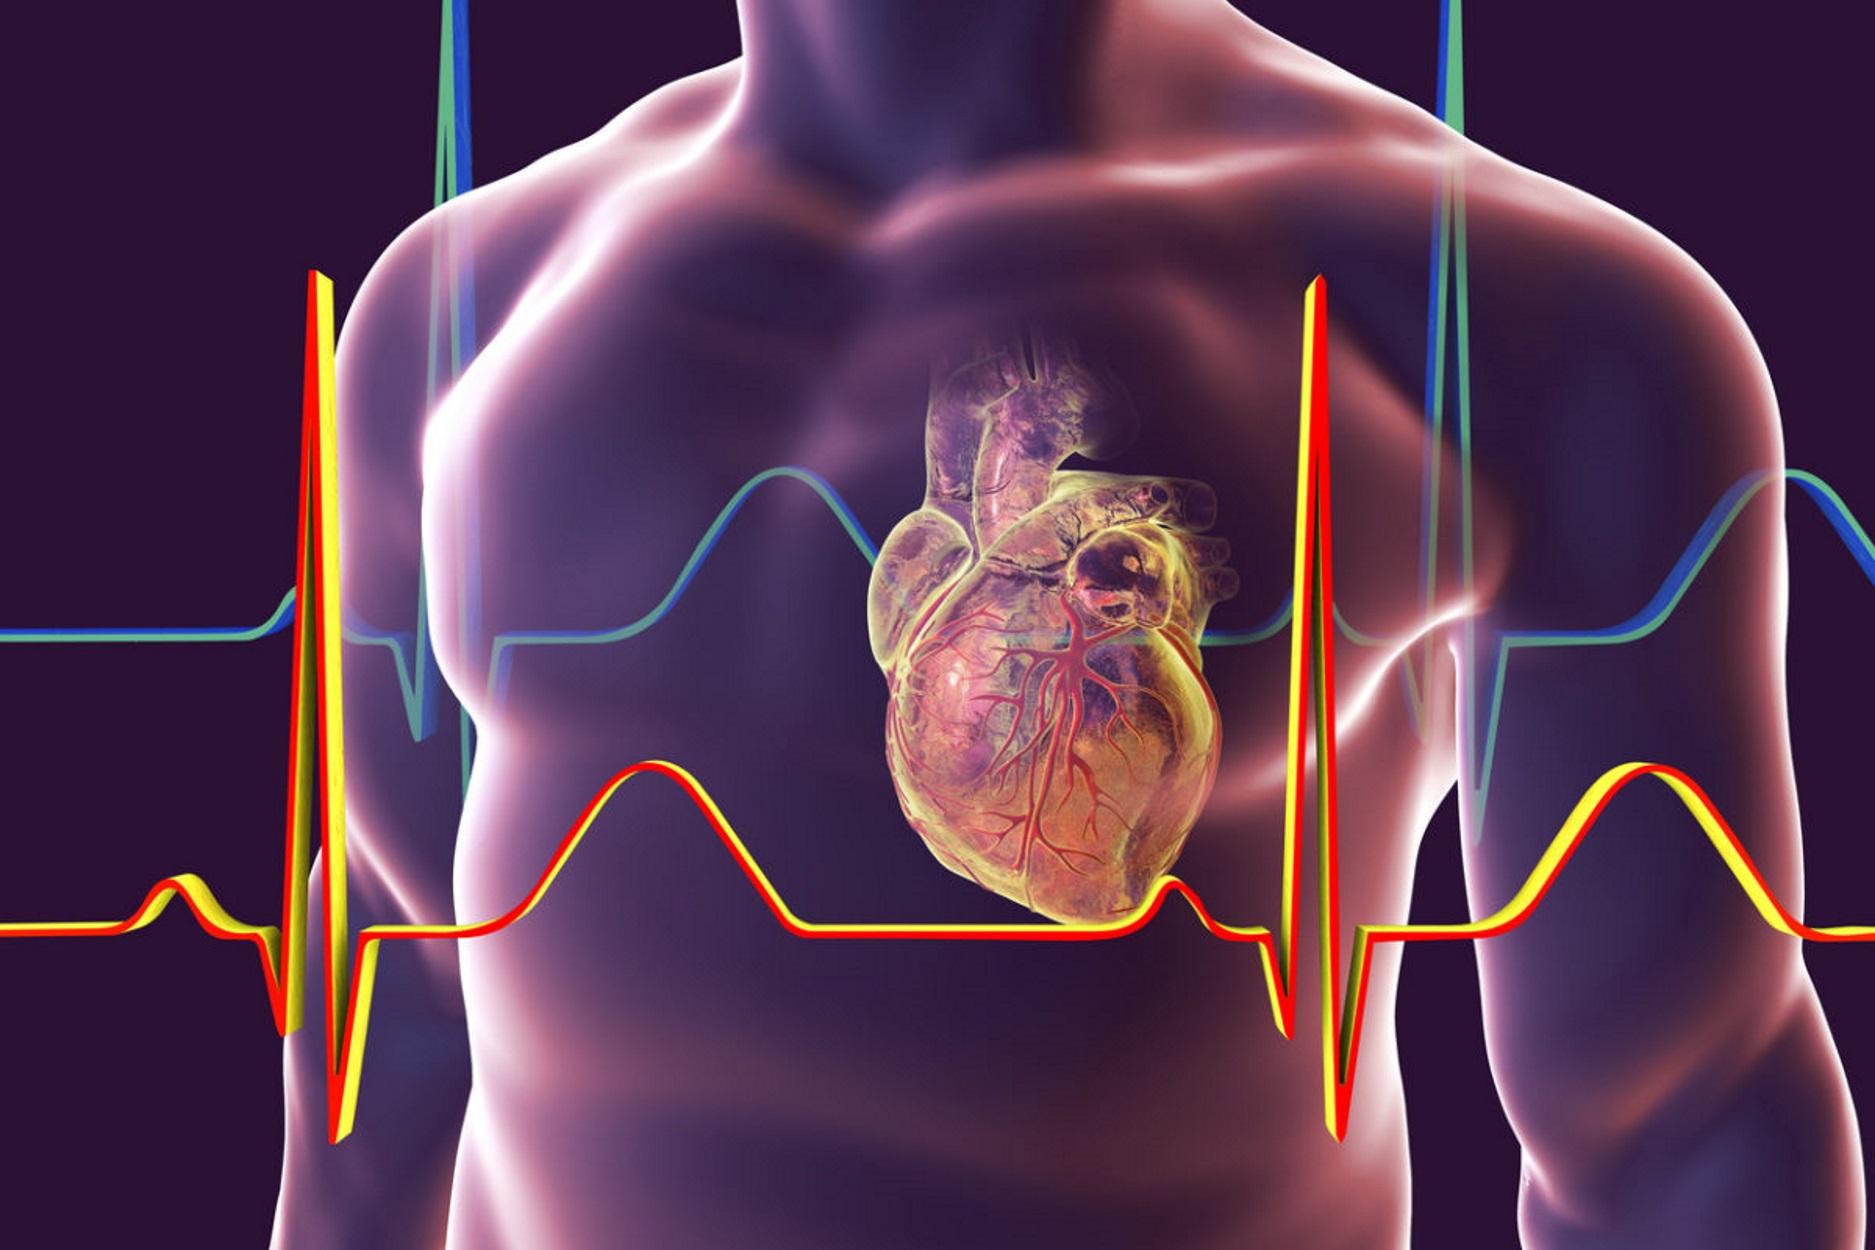 Μεγαλύτερος ο κίνδυνος καρδιακής ανεπάρκειας ή θανάτου μετά από ένα έμφραγμα για τις γυναίκες